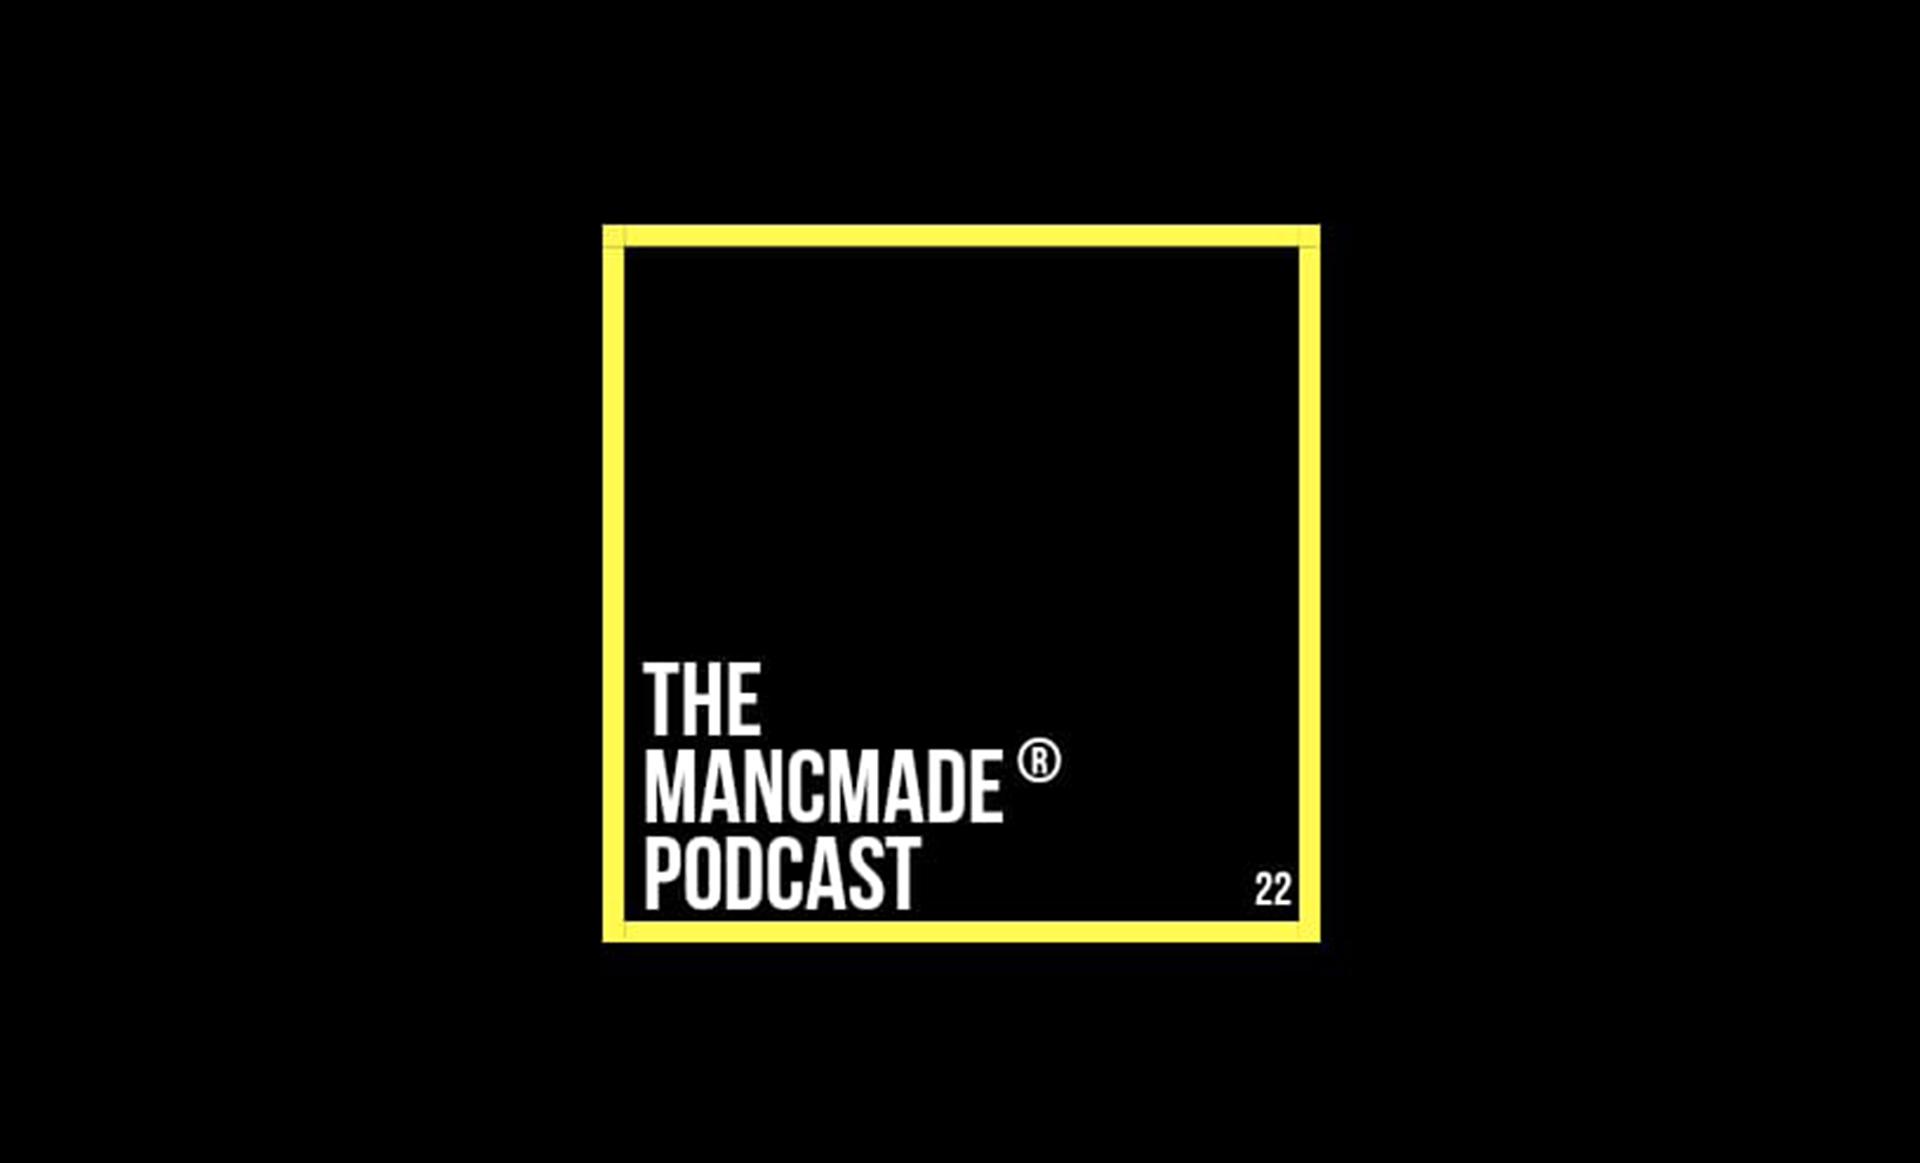 The MancMade Podcast